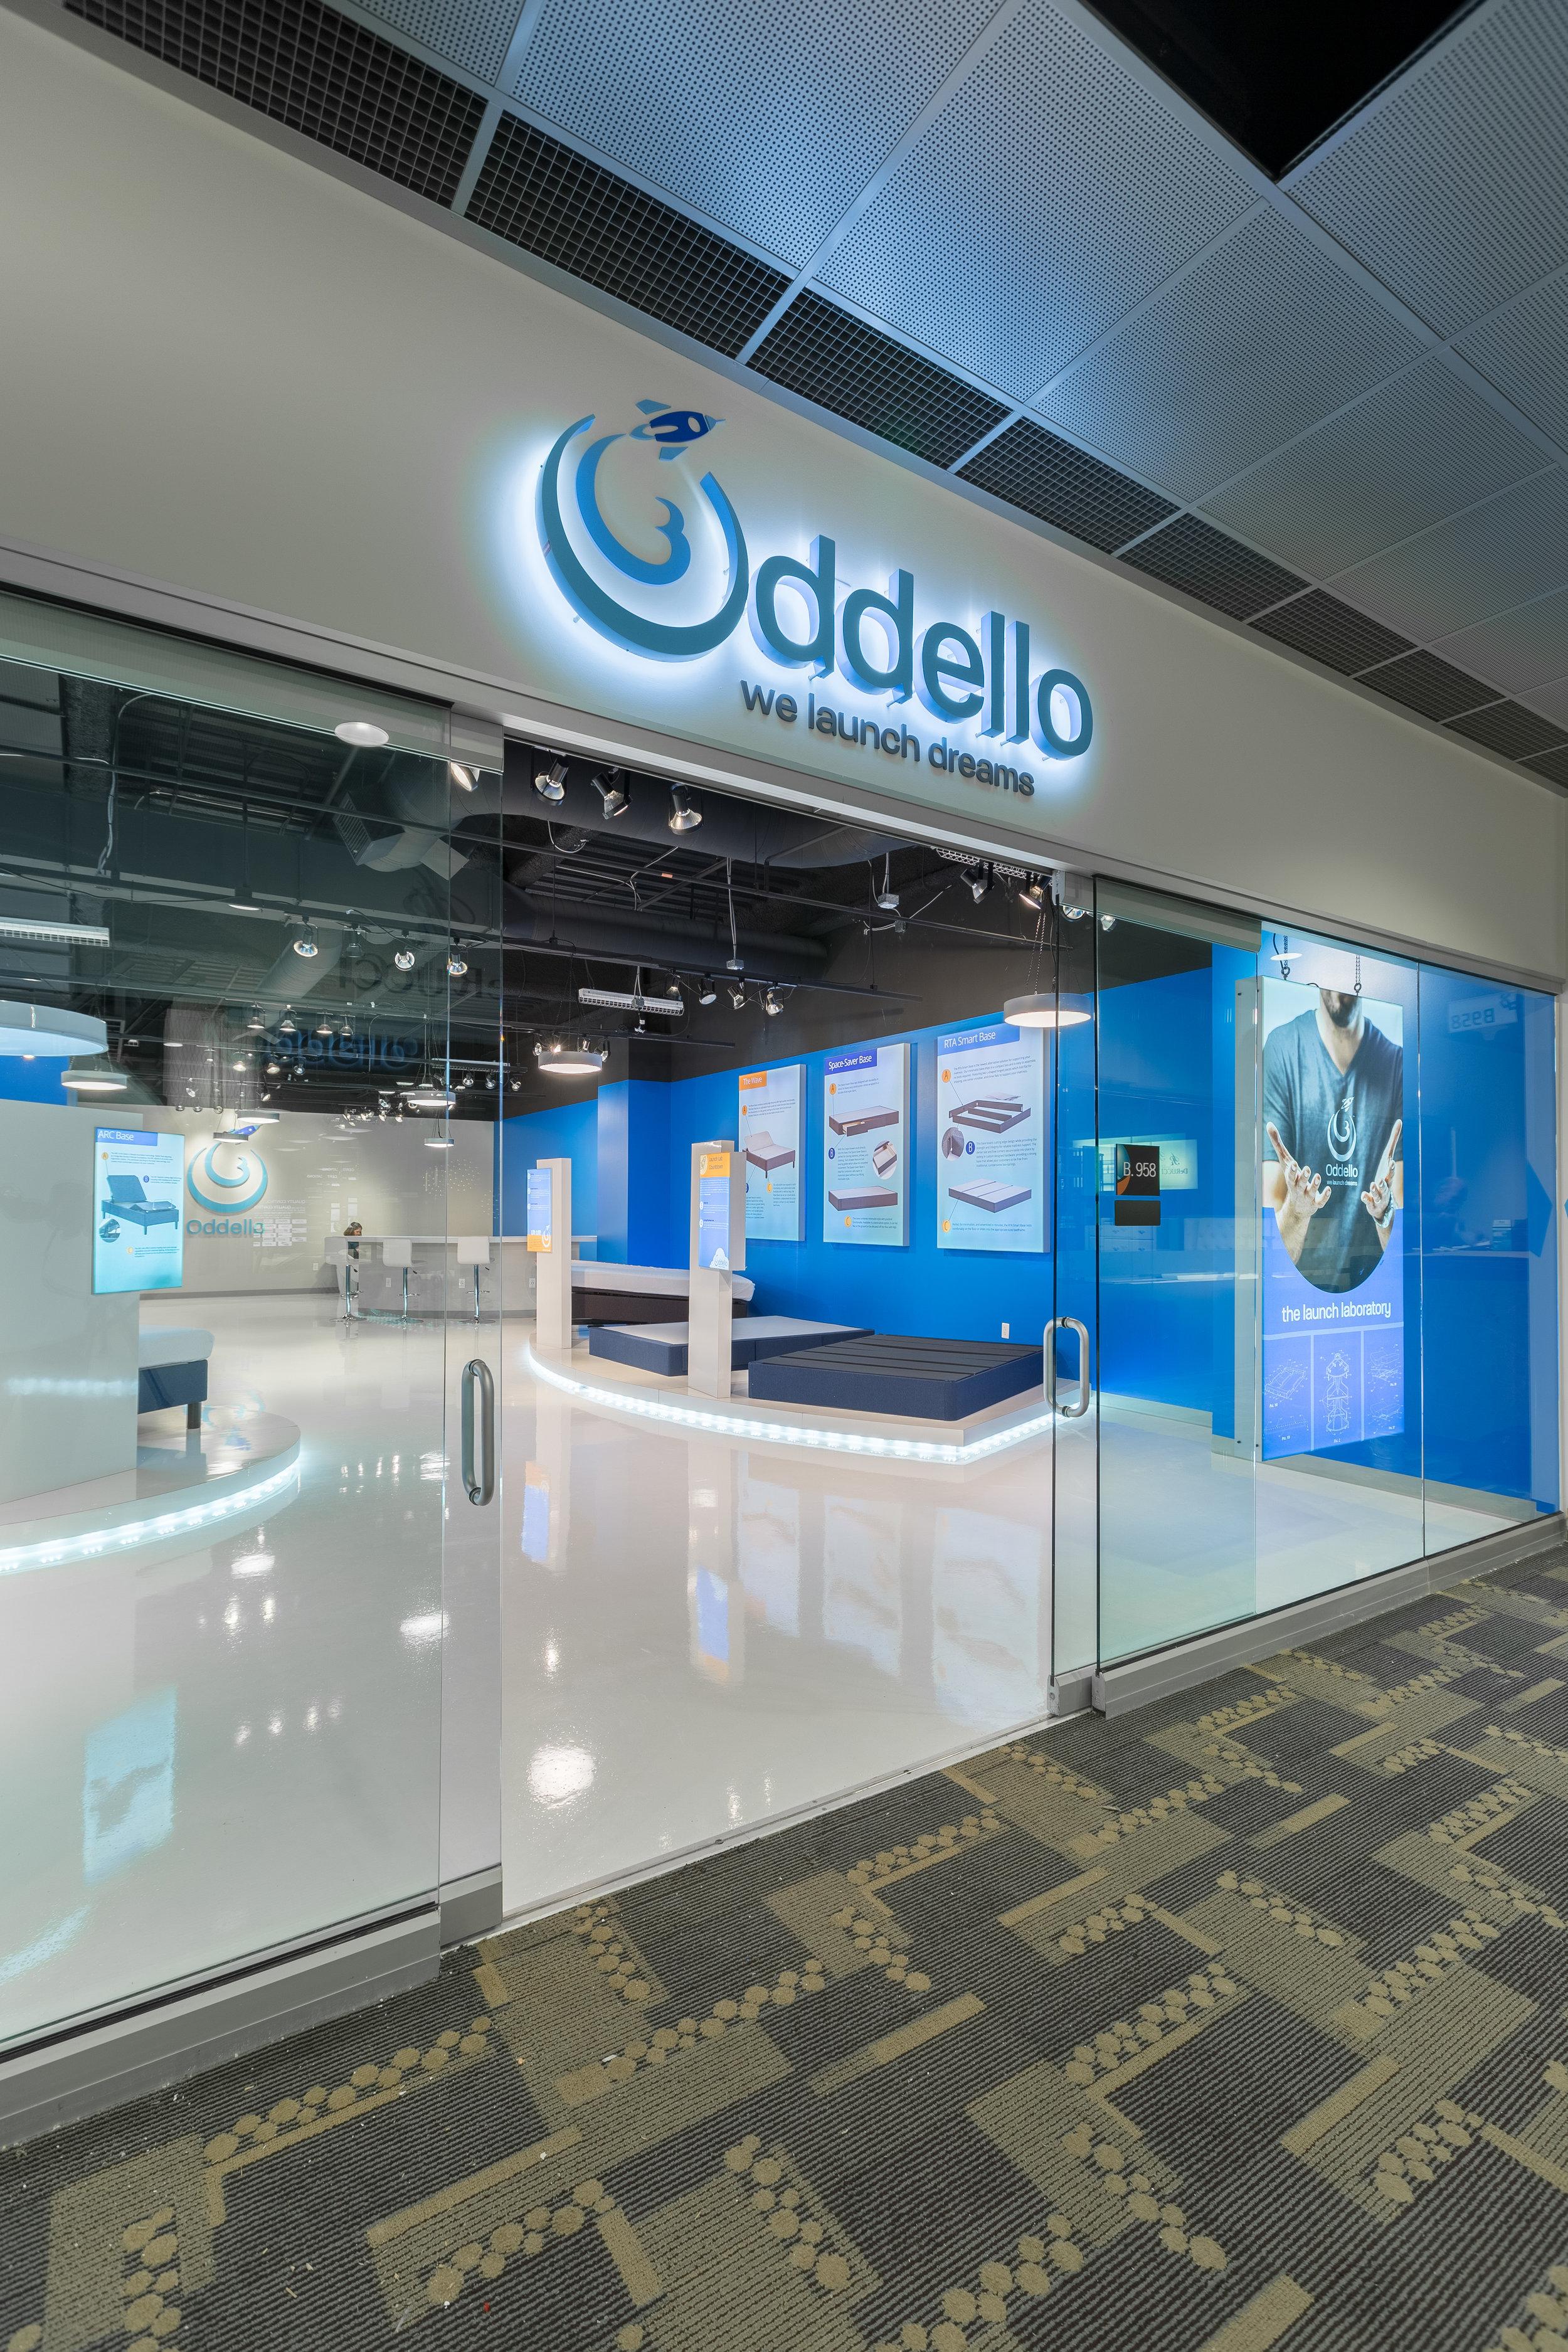 Oddello_WorldMarketLV_0181-HDR.JPG